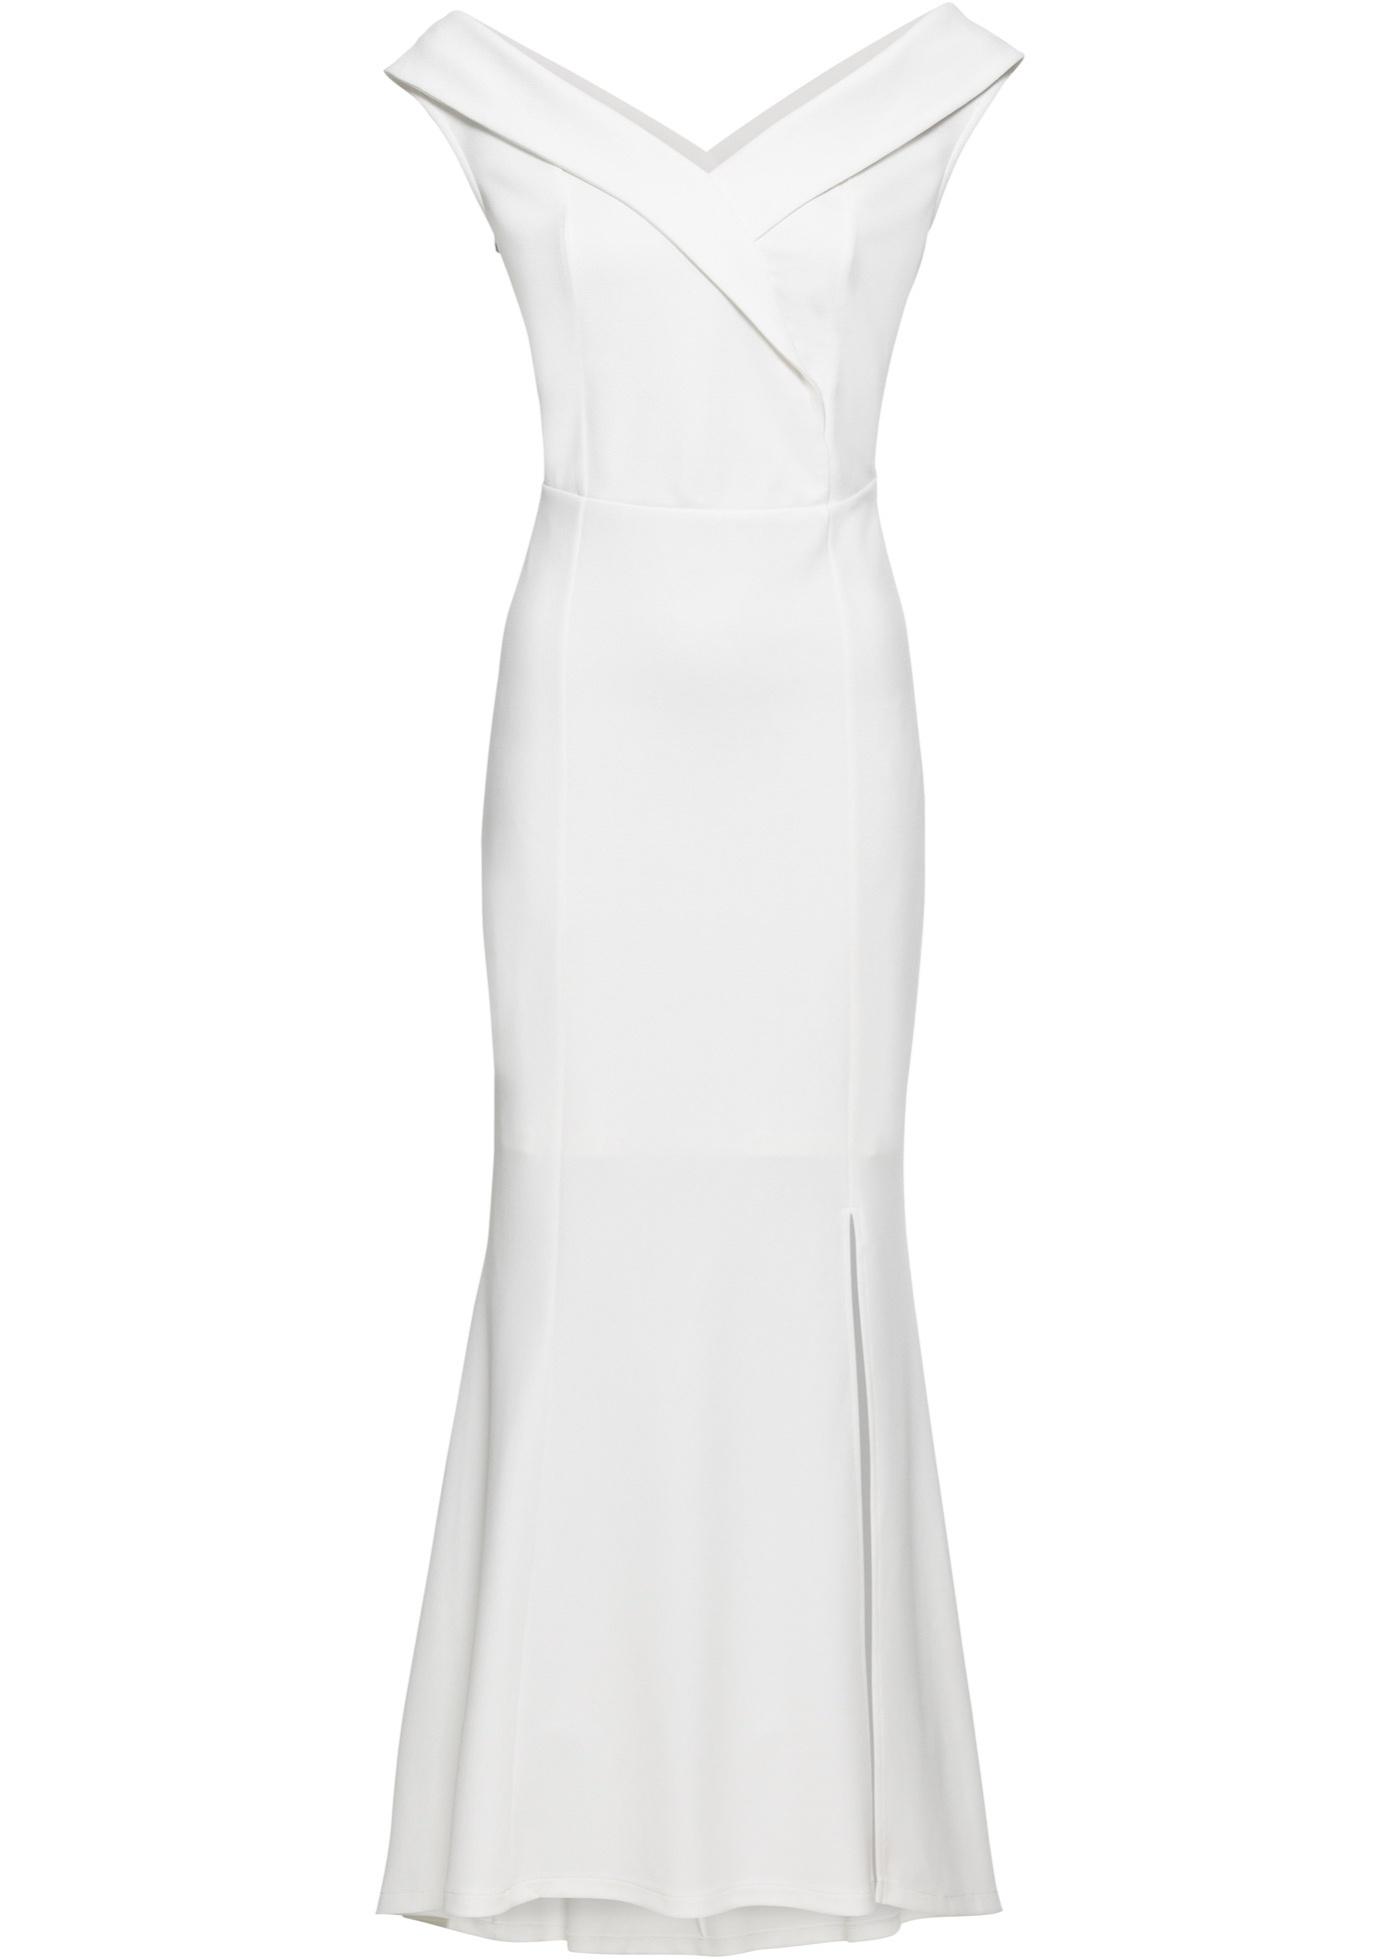 Abend-Carmen-Kleid Gr. 48 Weiß Abendkleid Eventkleid Maxi ...